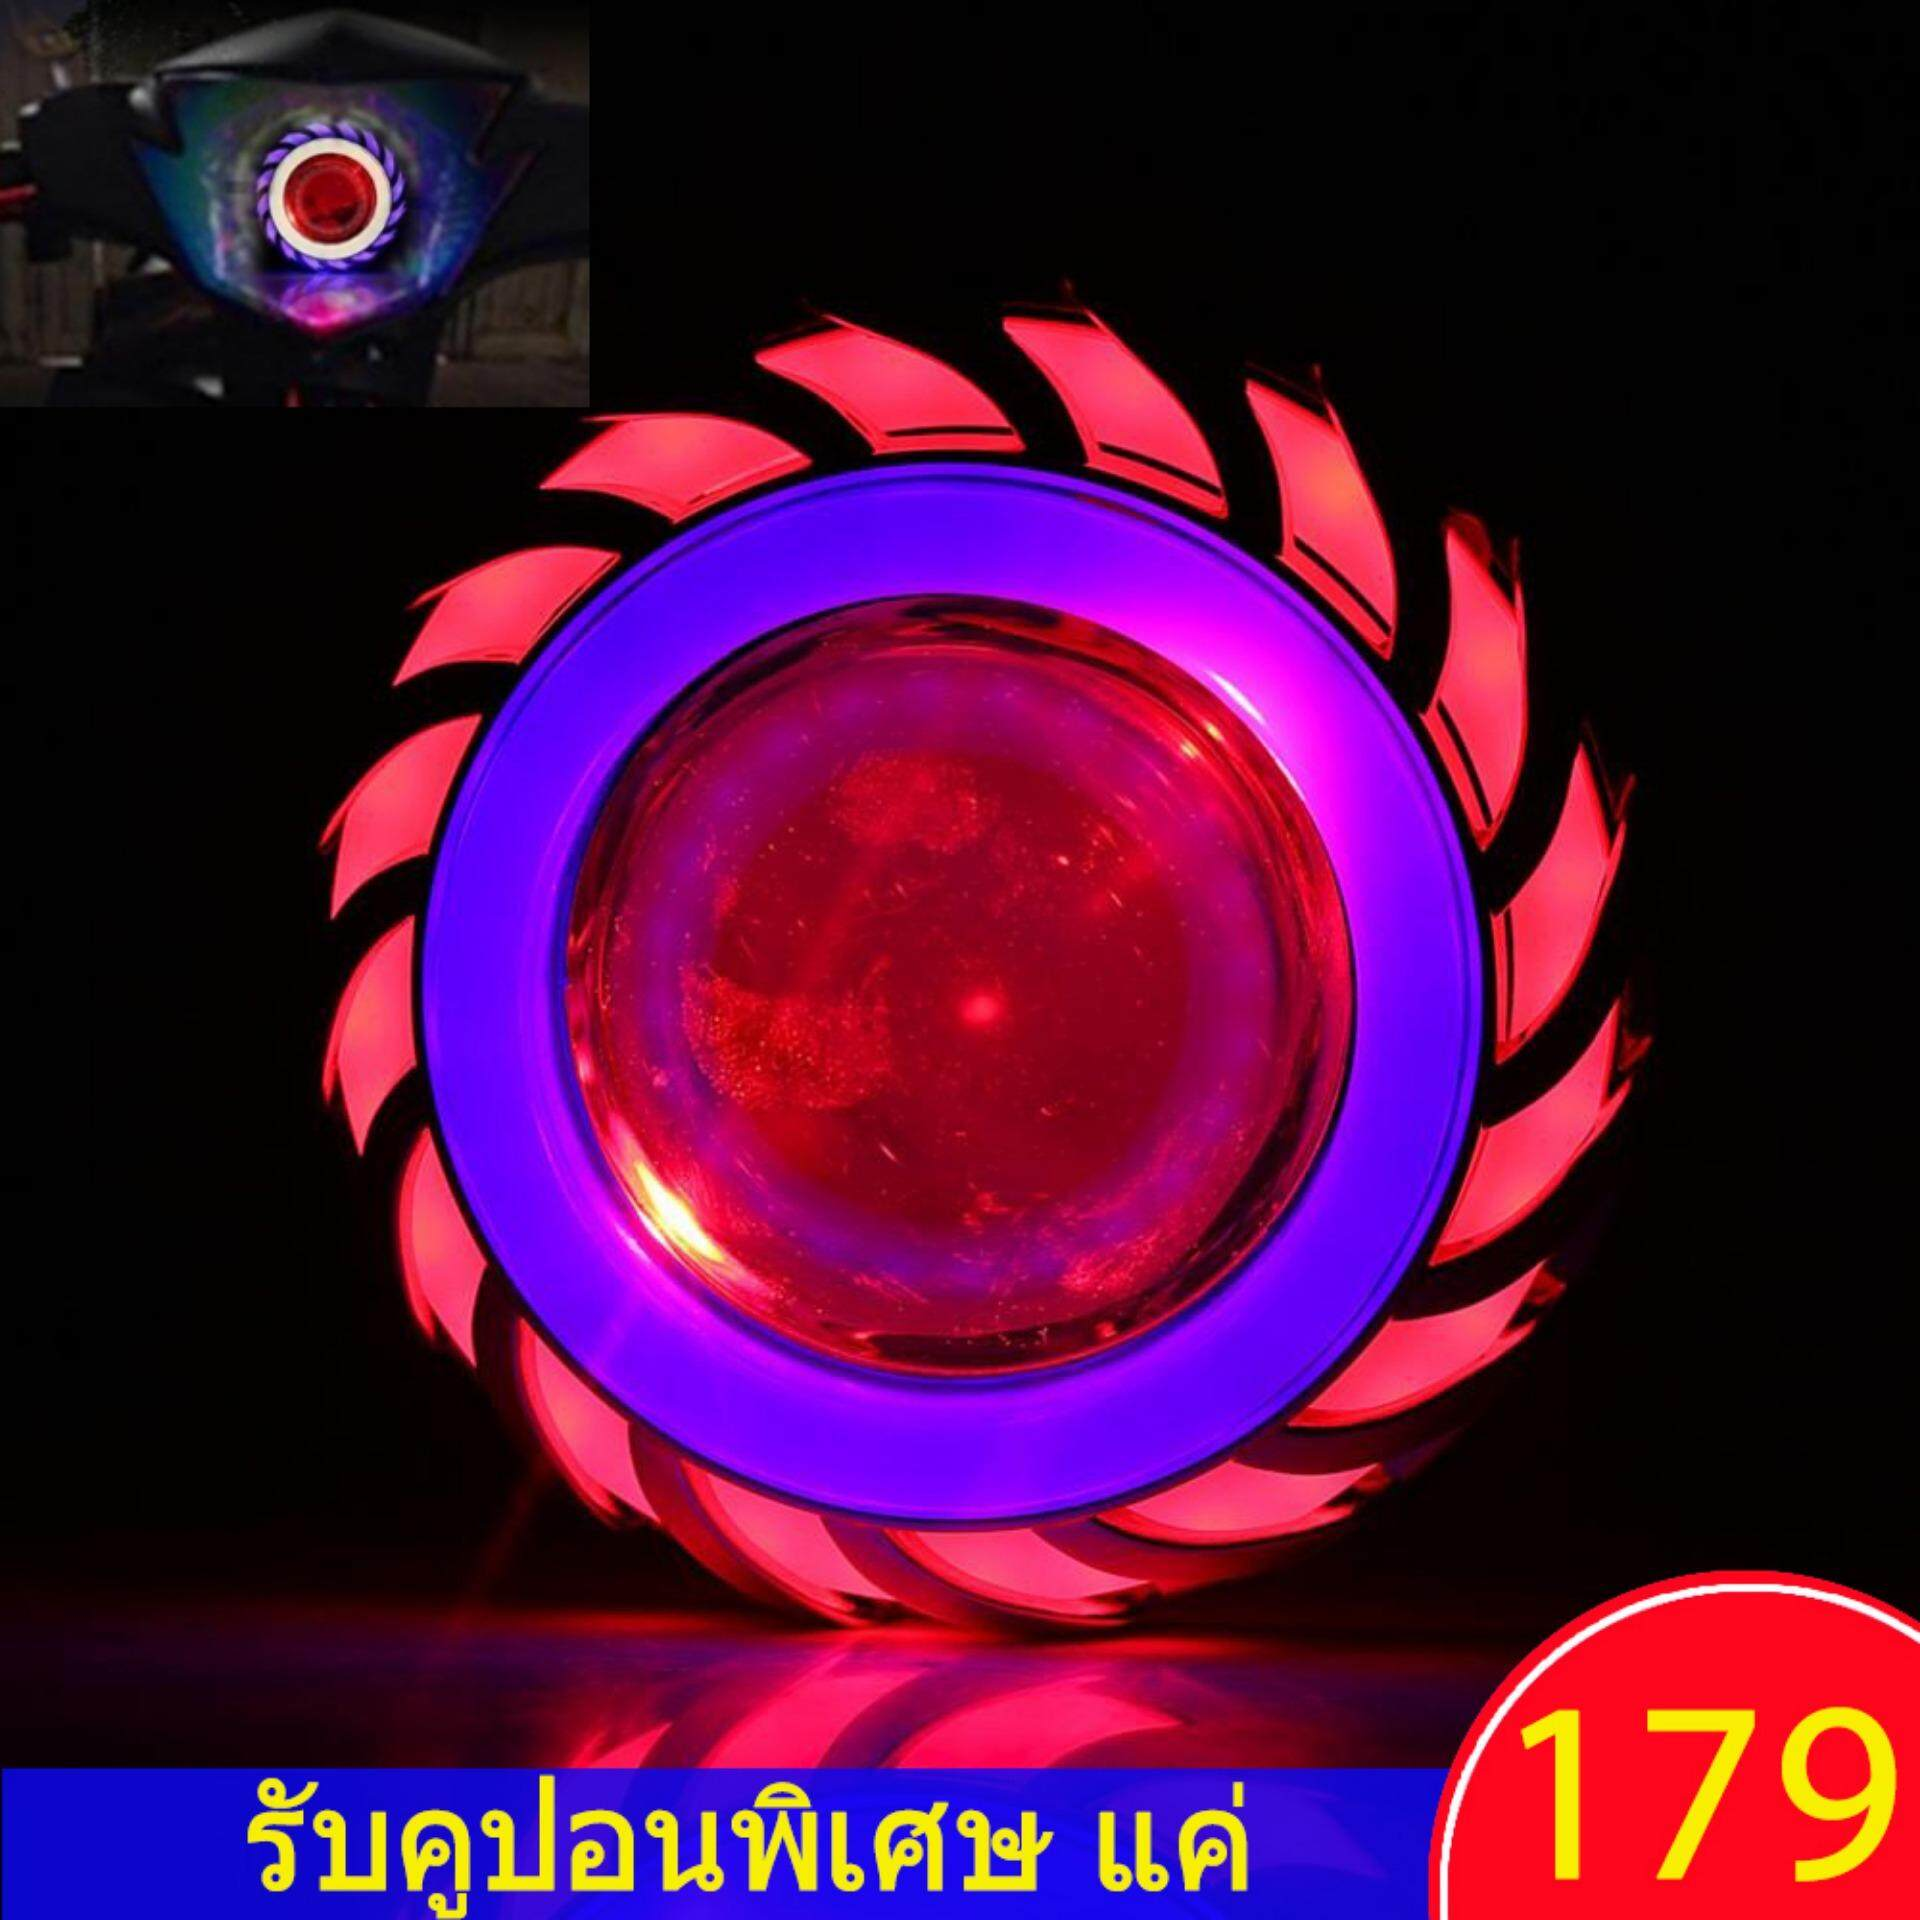 【ครบ 199บาท ลด 20บาท】จำกัดเวลา!!! ไฟหน้า Led รถมอเตอร์ไซค์พร้อมดวงตาแองเจิลและปีศาจ หัวโคมไฟพายุหมุน (สีน้ำเงินและสีแดง) By Qilu.